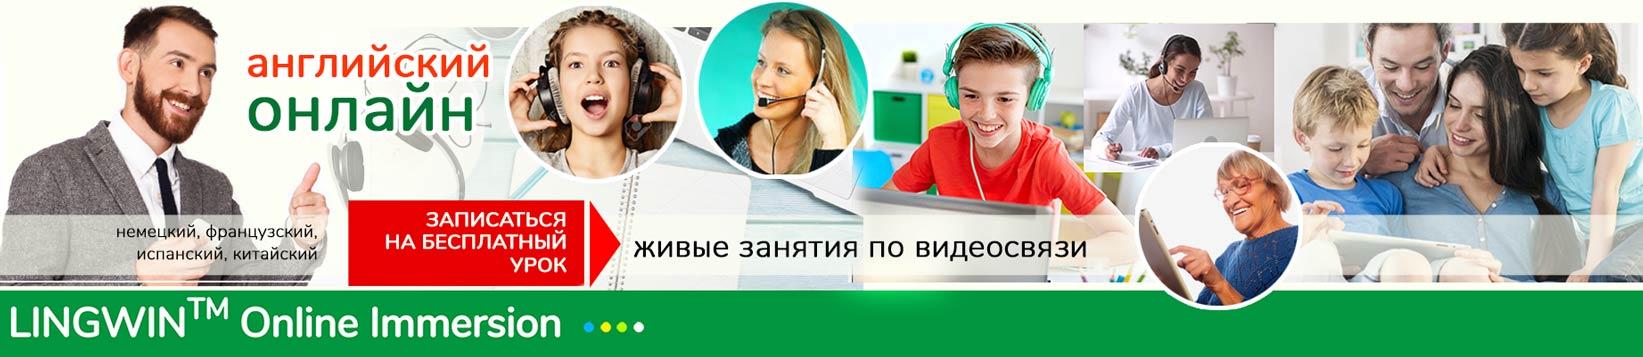 Английский для детей и взрослых | Курсы иностранных языков в Волгограде ЛИНГВИН